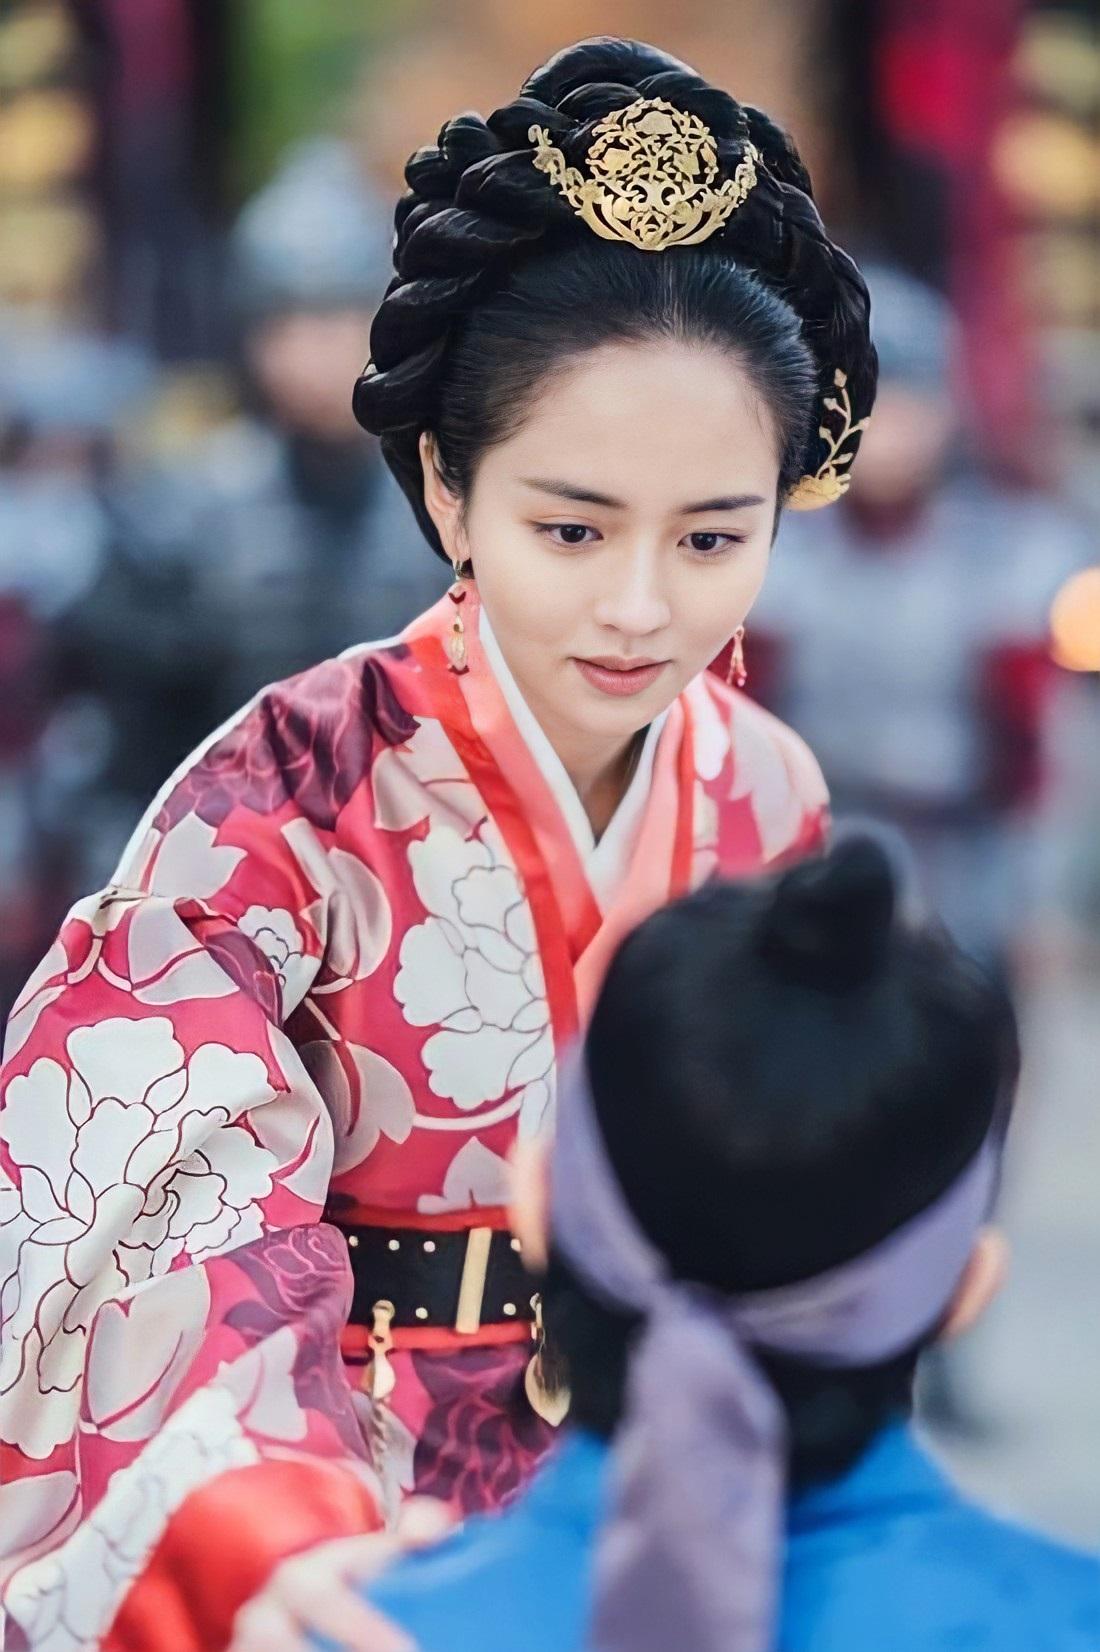 Hoàng hậu Yeon thương yêu bách tính, luôn dạy con sống kiên định và ngay thẳng. Tuy nhiên, bà bị quý phi và gian thần giết hại, các con bà phải ly tán.